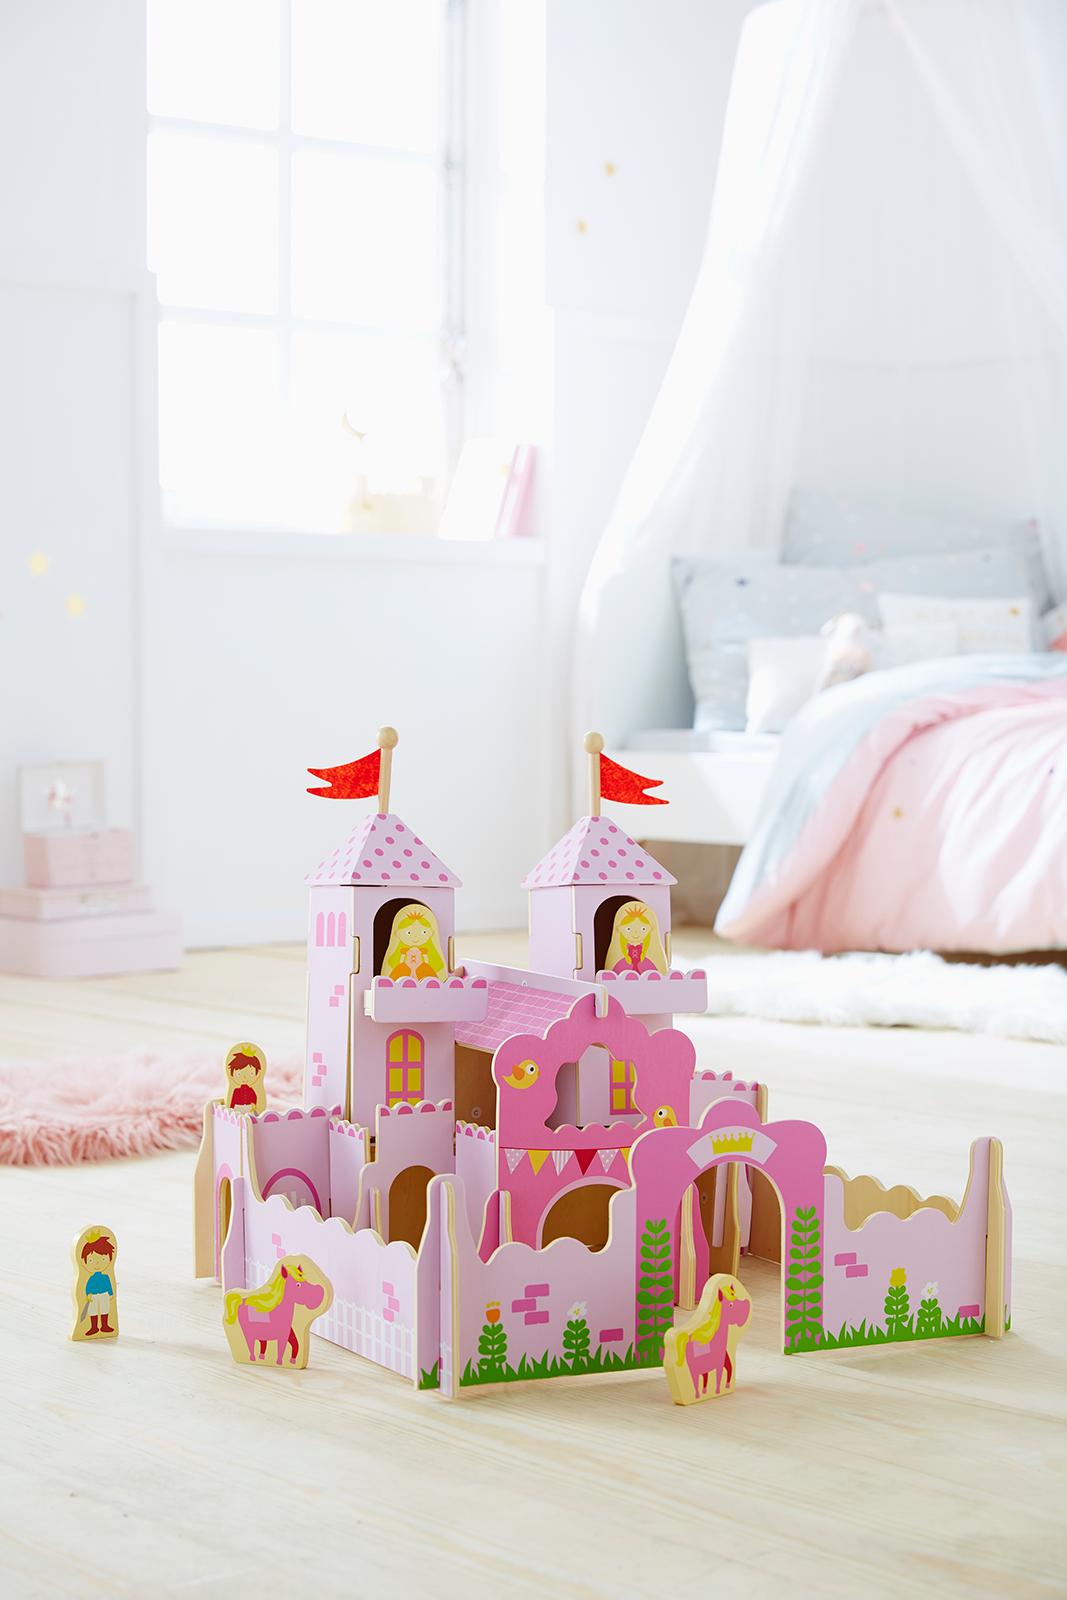 Chateau De Princesse En Bois Et Ses Personnages Rose Vertbaudet Chateau Princesse Meuble Enfant Jouets En Bois